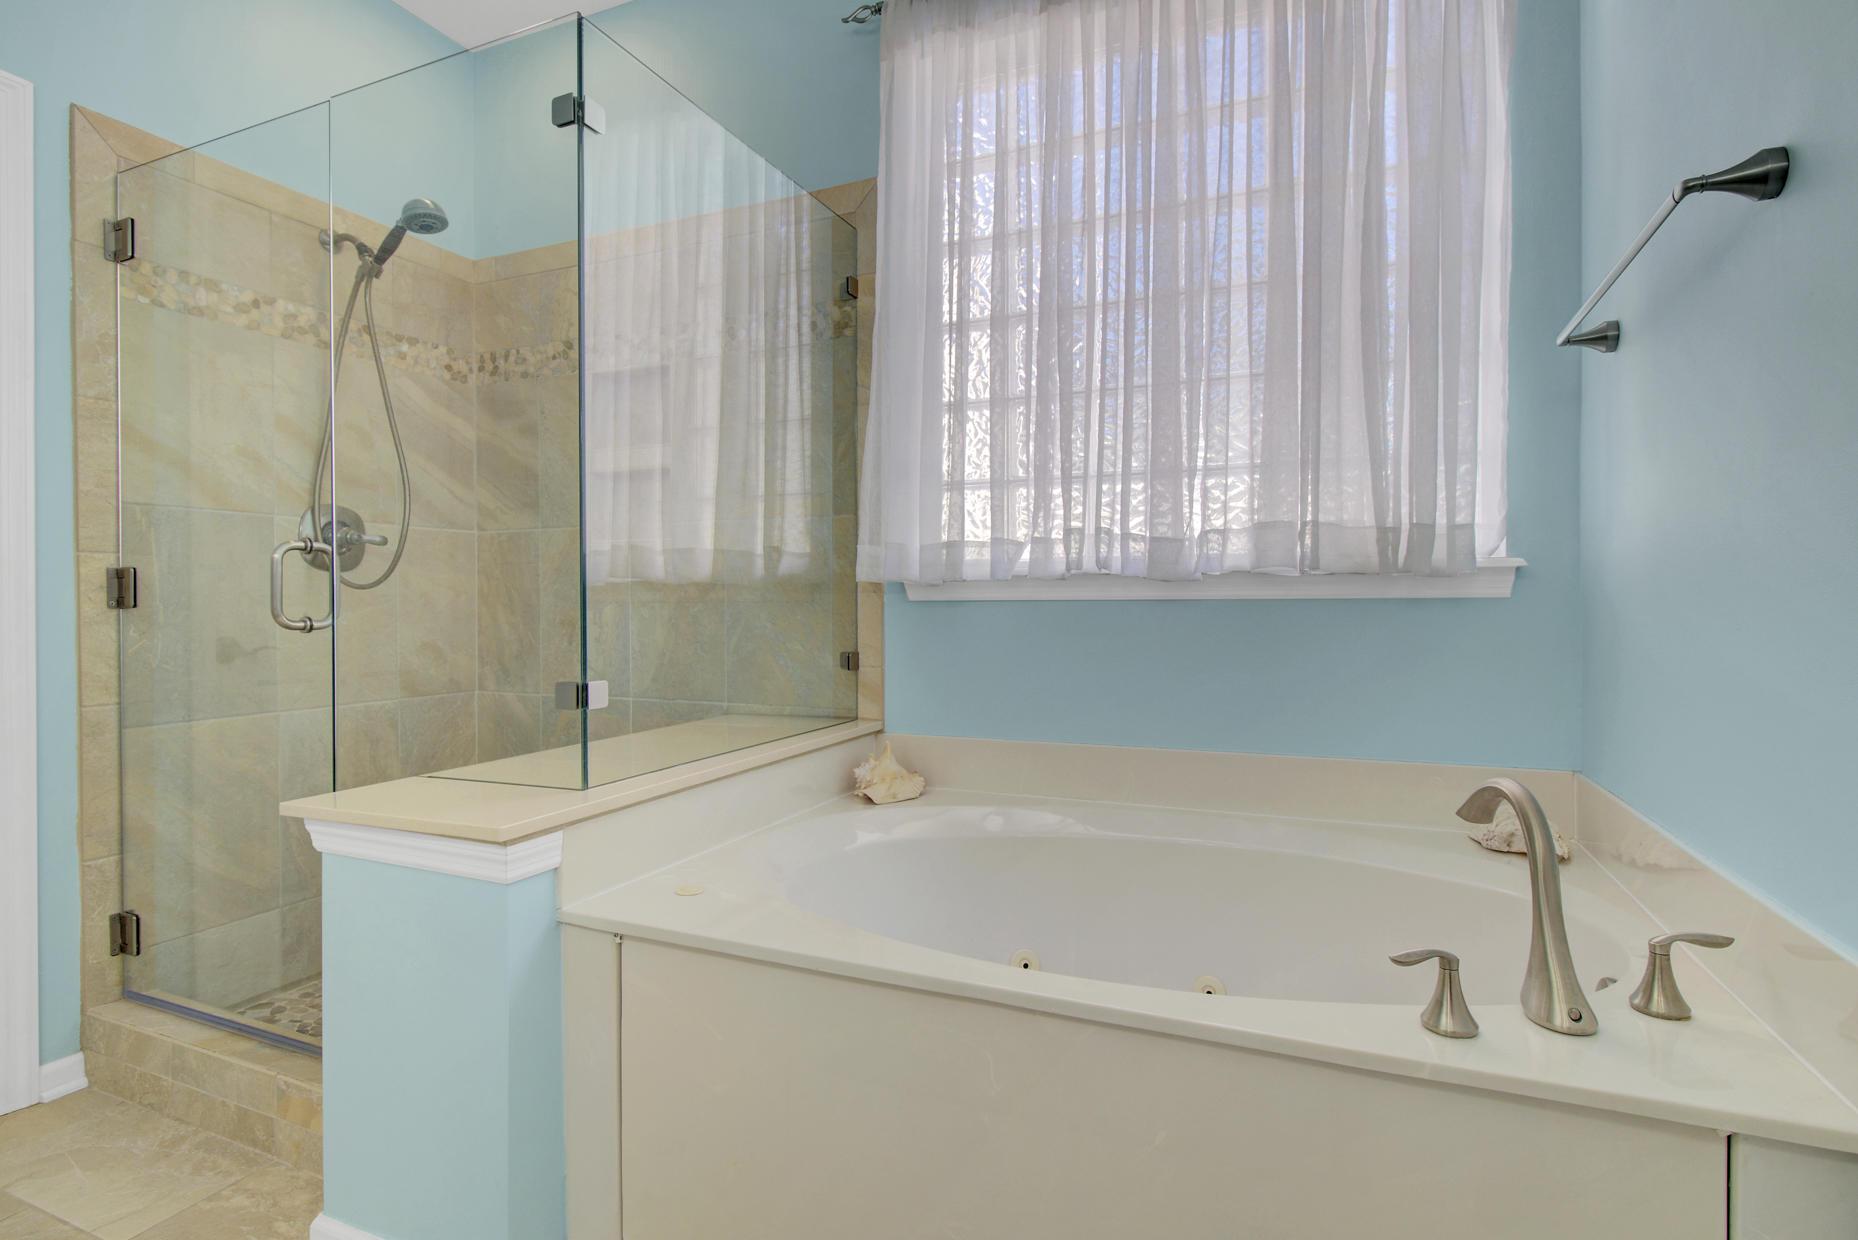 Park West Homes For Sale - 1497 Endicot, Mount Pleasant, SC - 41